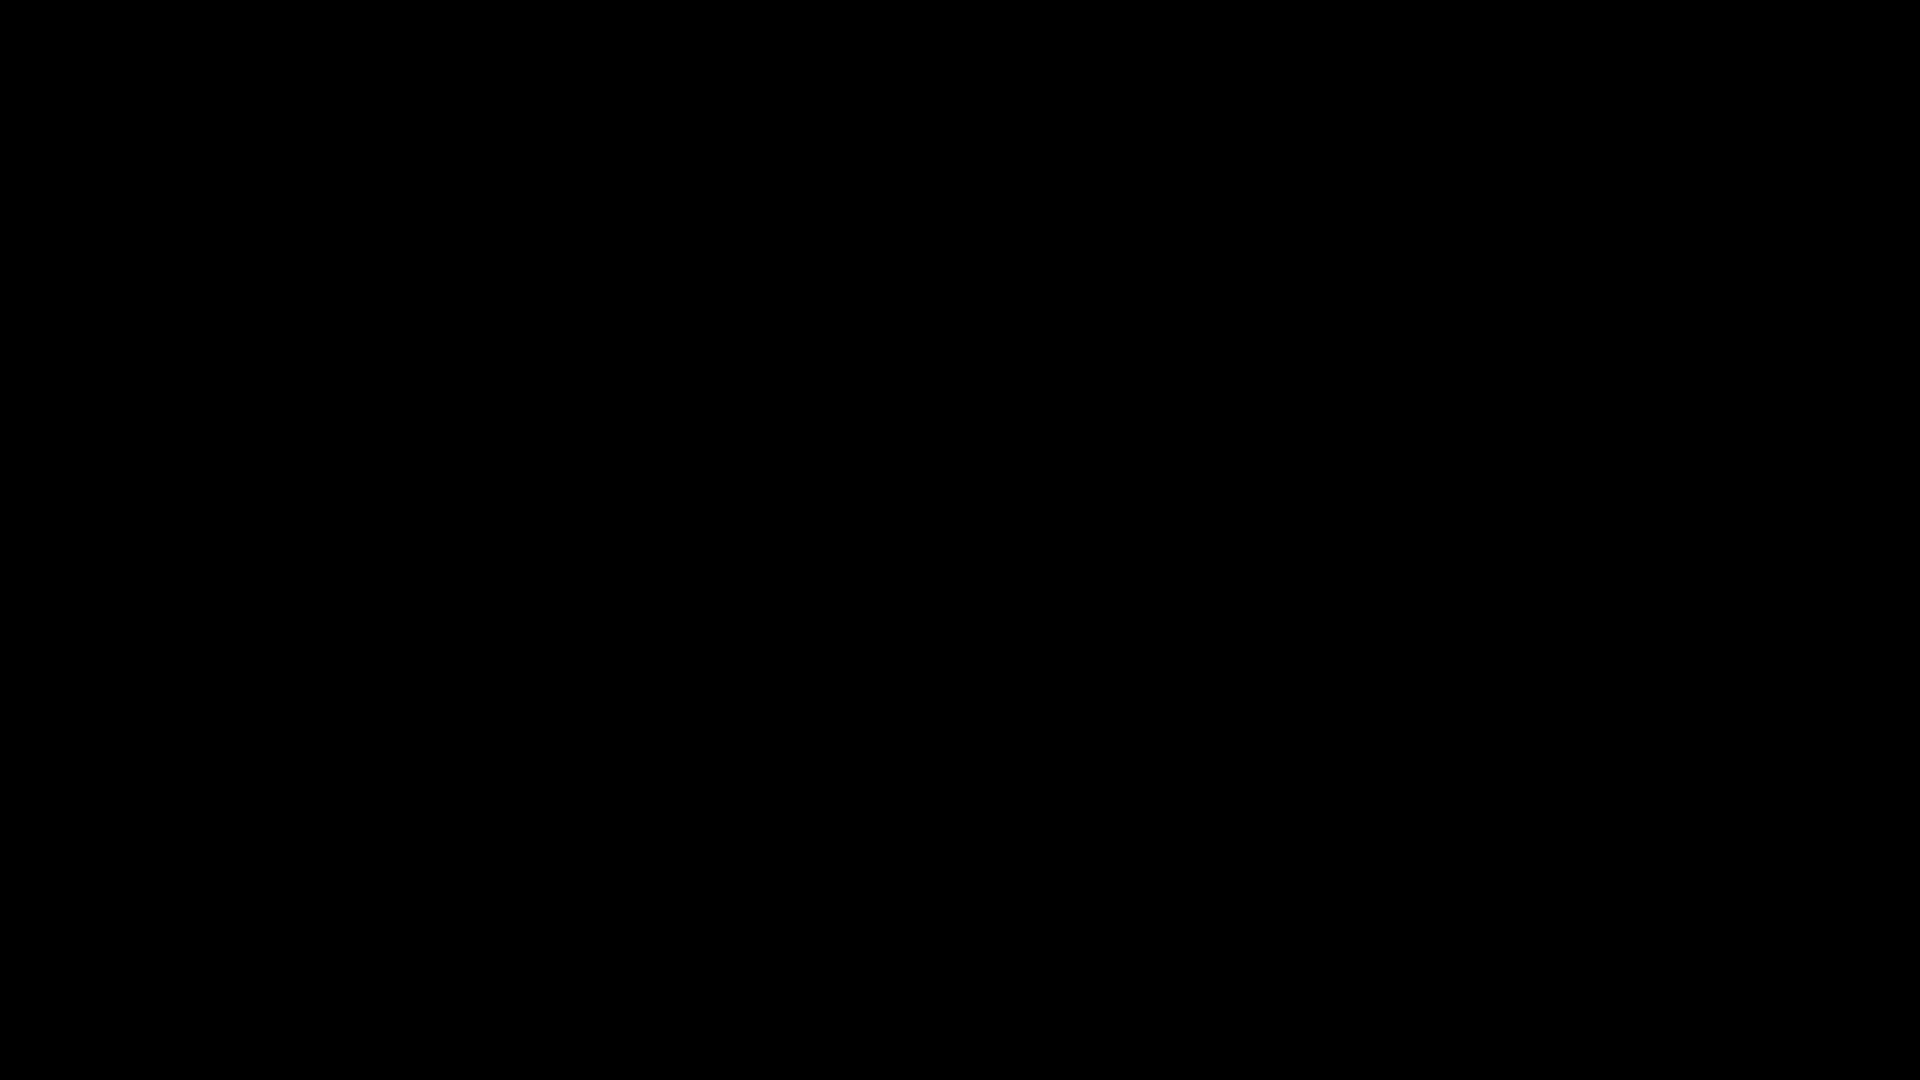 ᴊᴏʏ ᴇ ᴊᴇssɪᴇ SDV OU UNF (@preciousjonnie) Cover Image